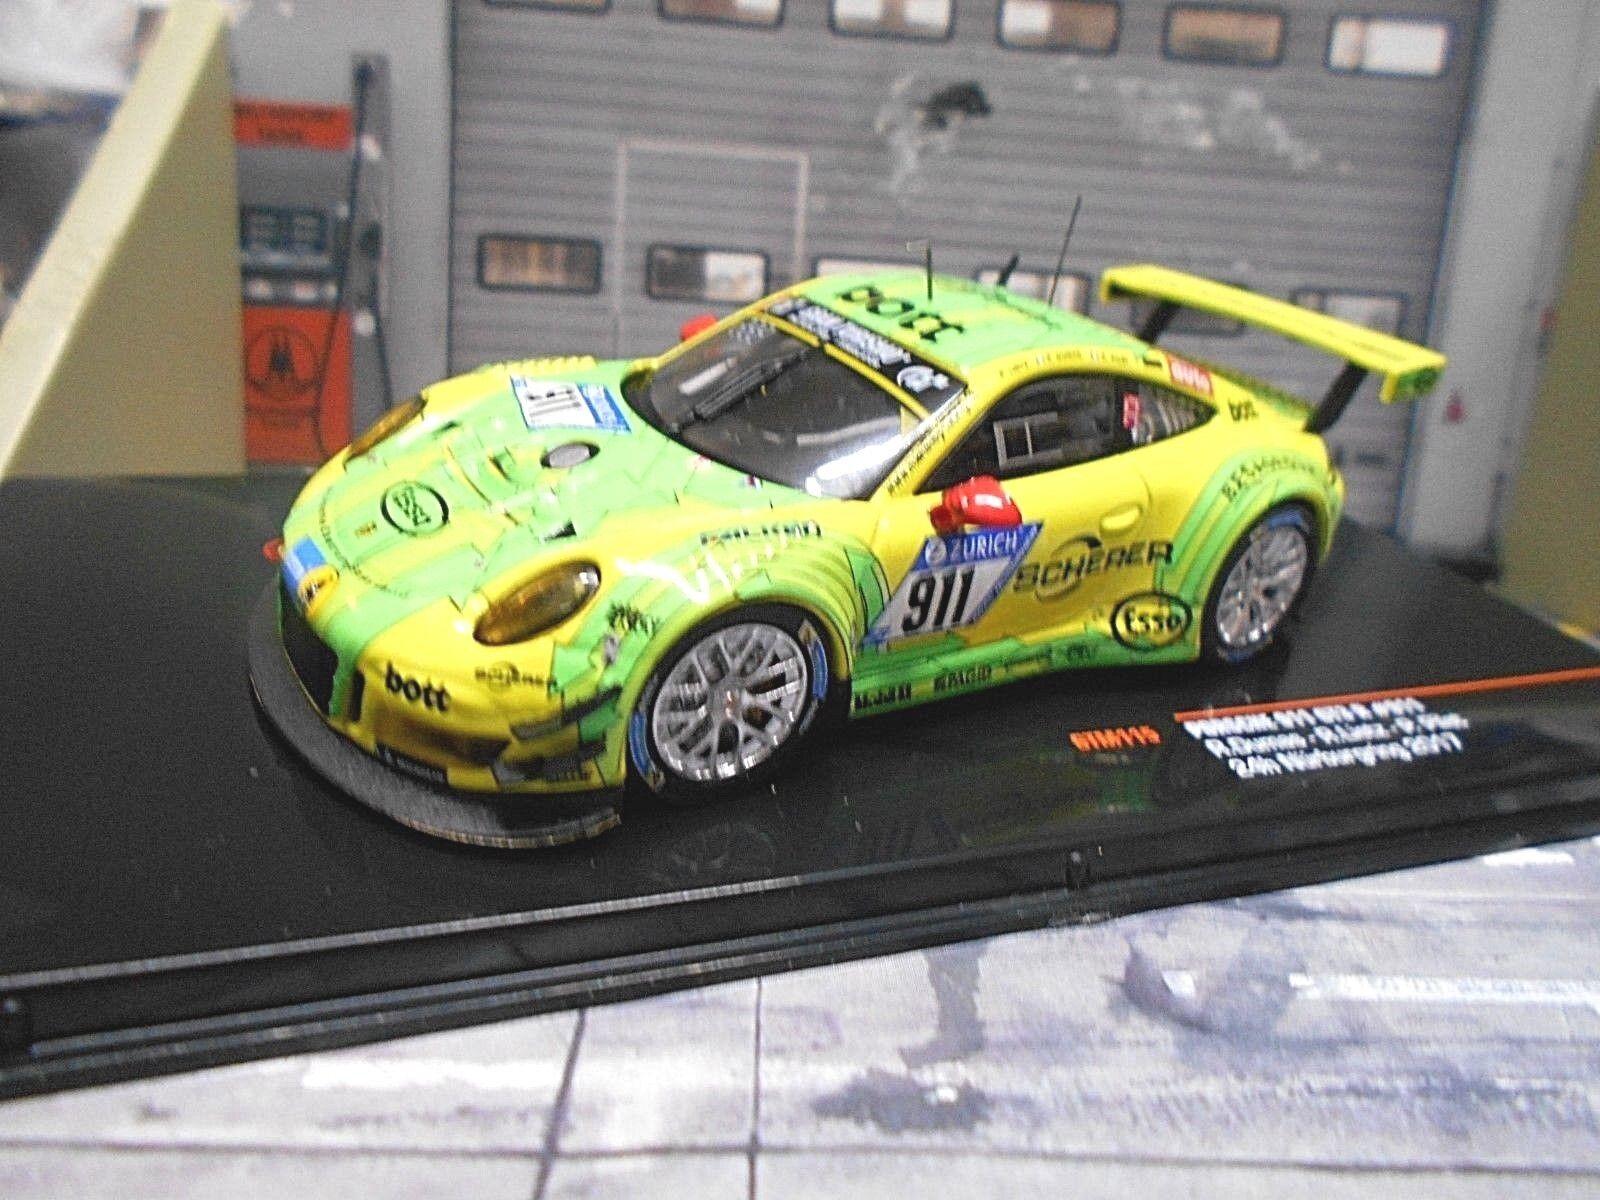 Porsche 911 991 gt3 R 24h nurburgring 2017 Manthey Manthey Manthey scherer  911 Dumas Ixo 1 43 d63fa2